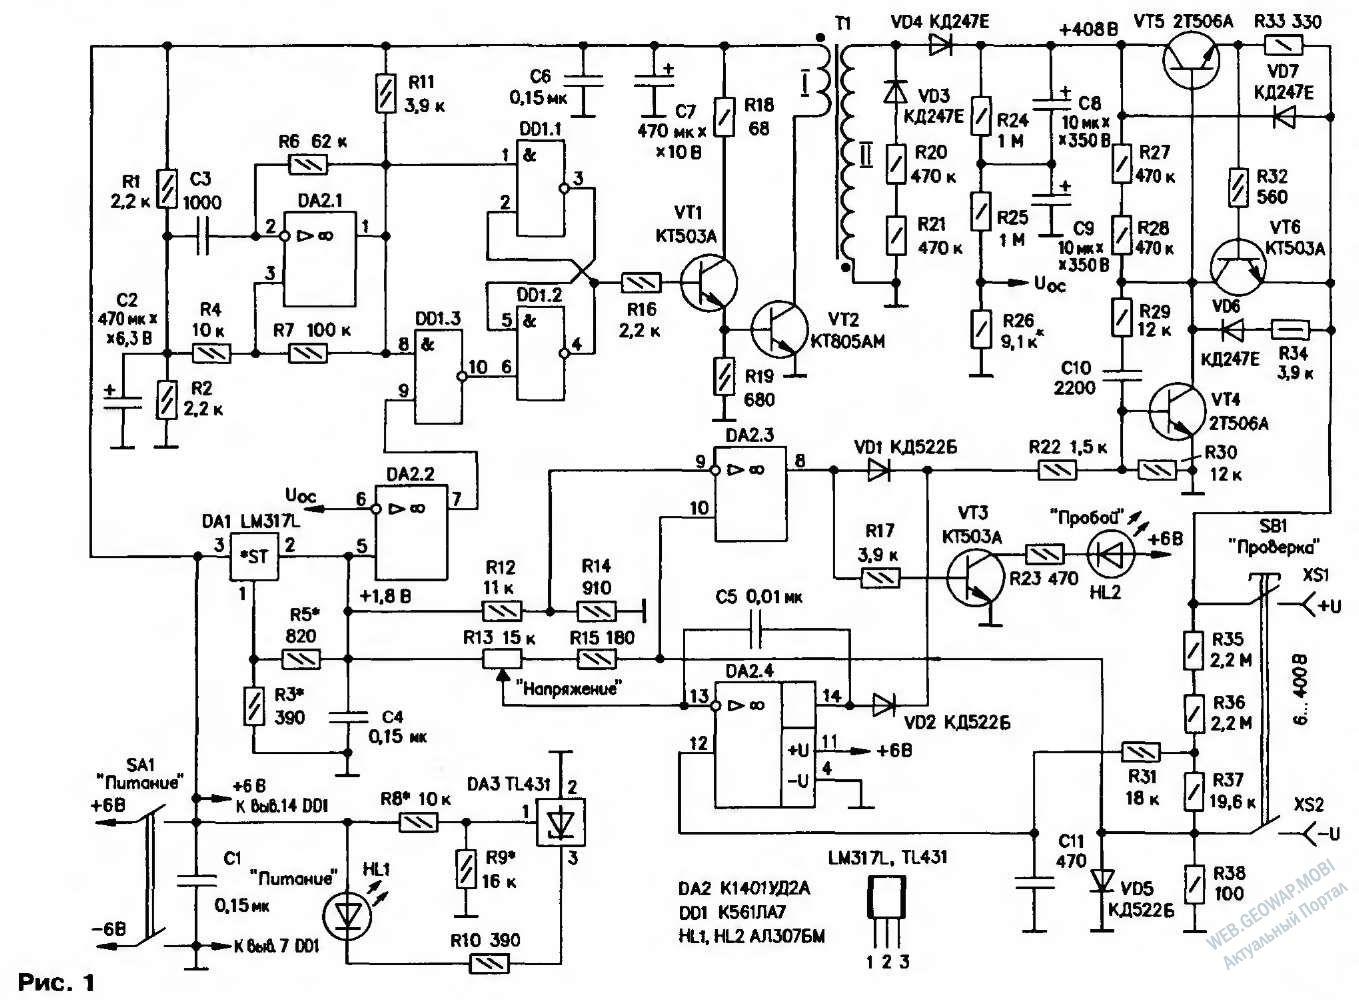 Схема высоковольтного пробника представлена на рис. 1. Задающий генератор повышающего преобразователя напряжения...